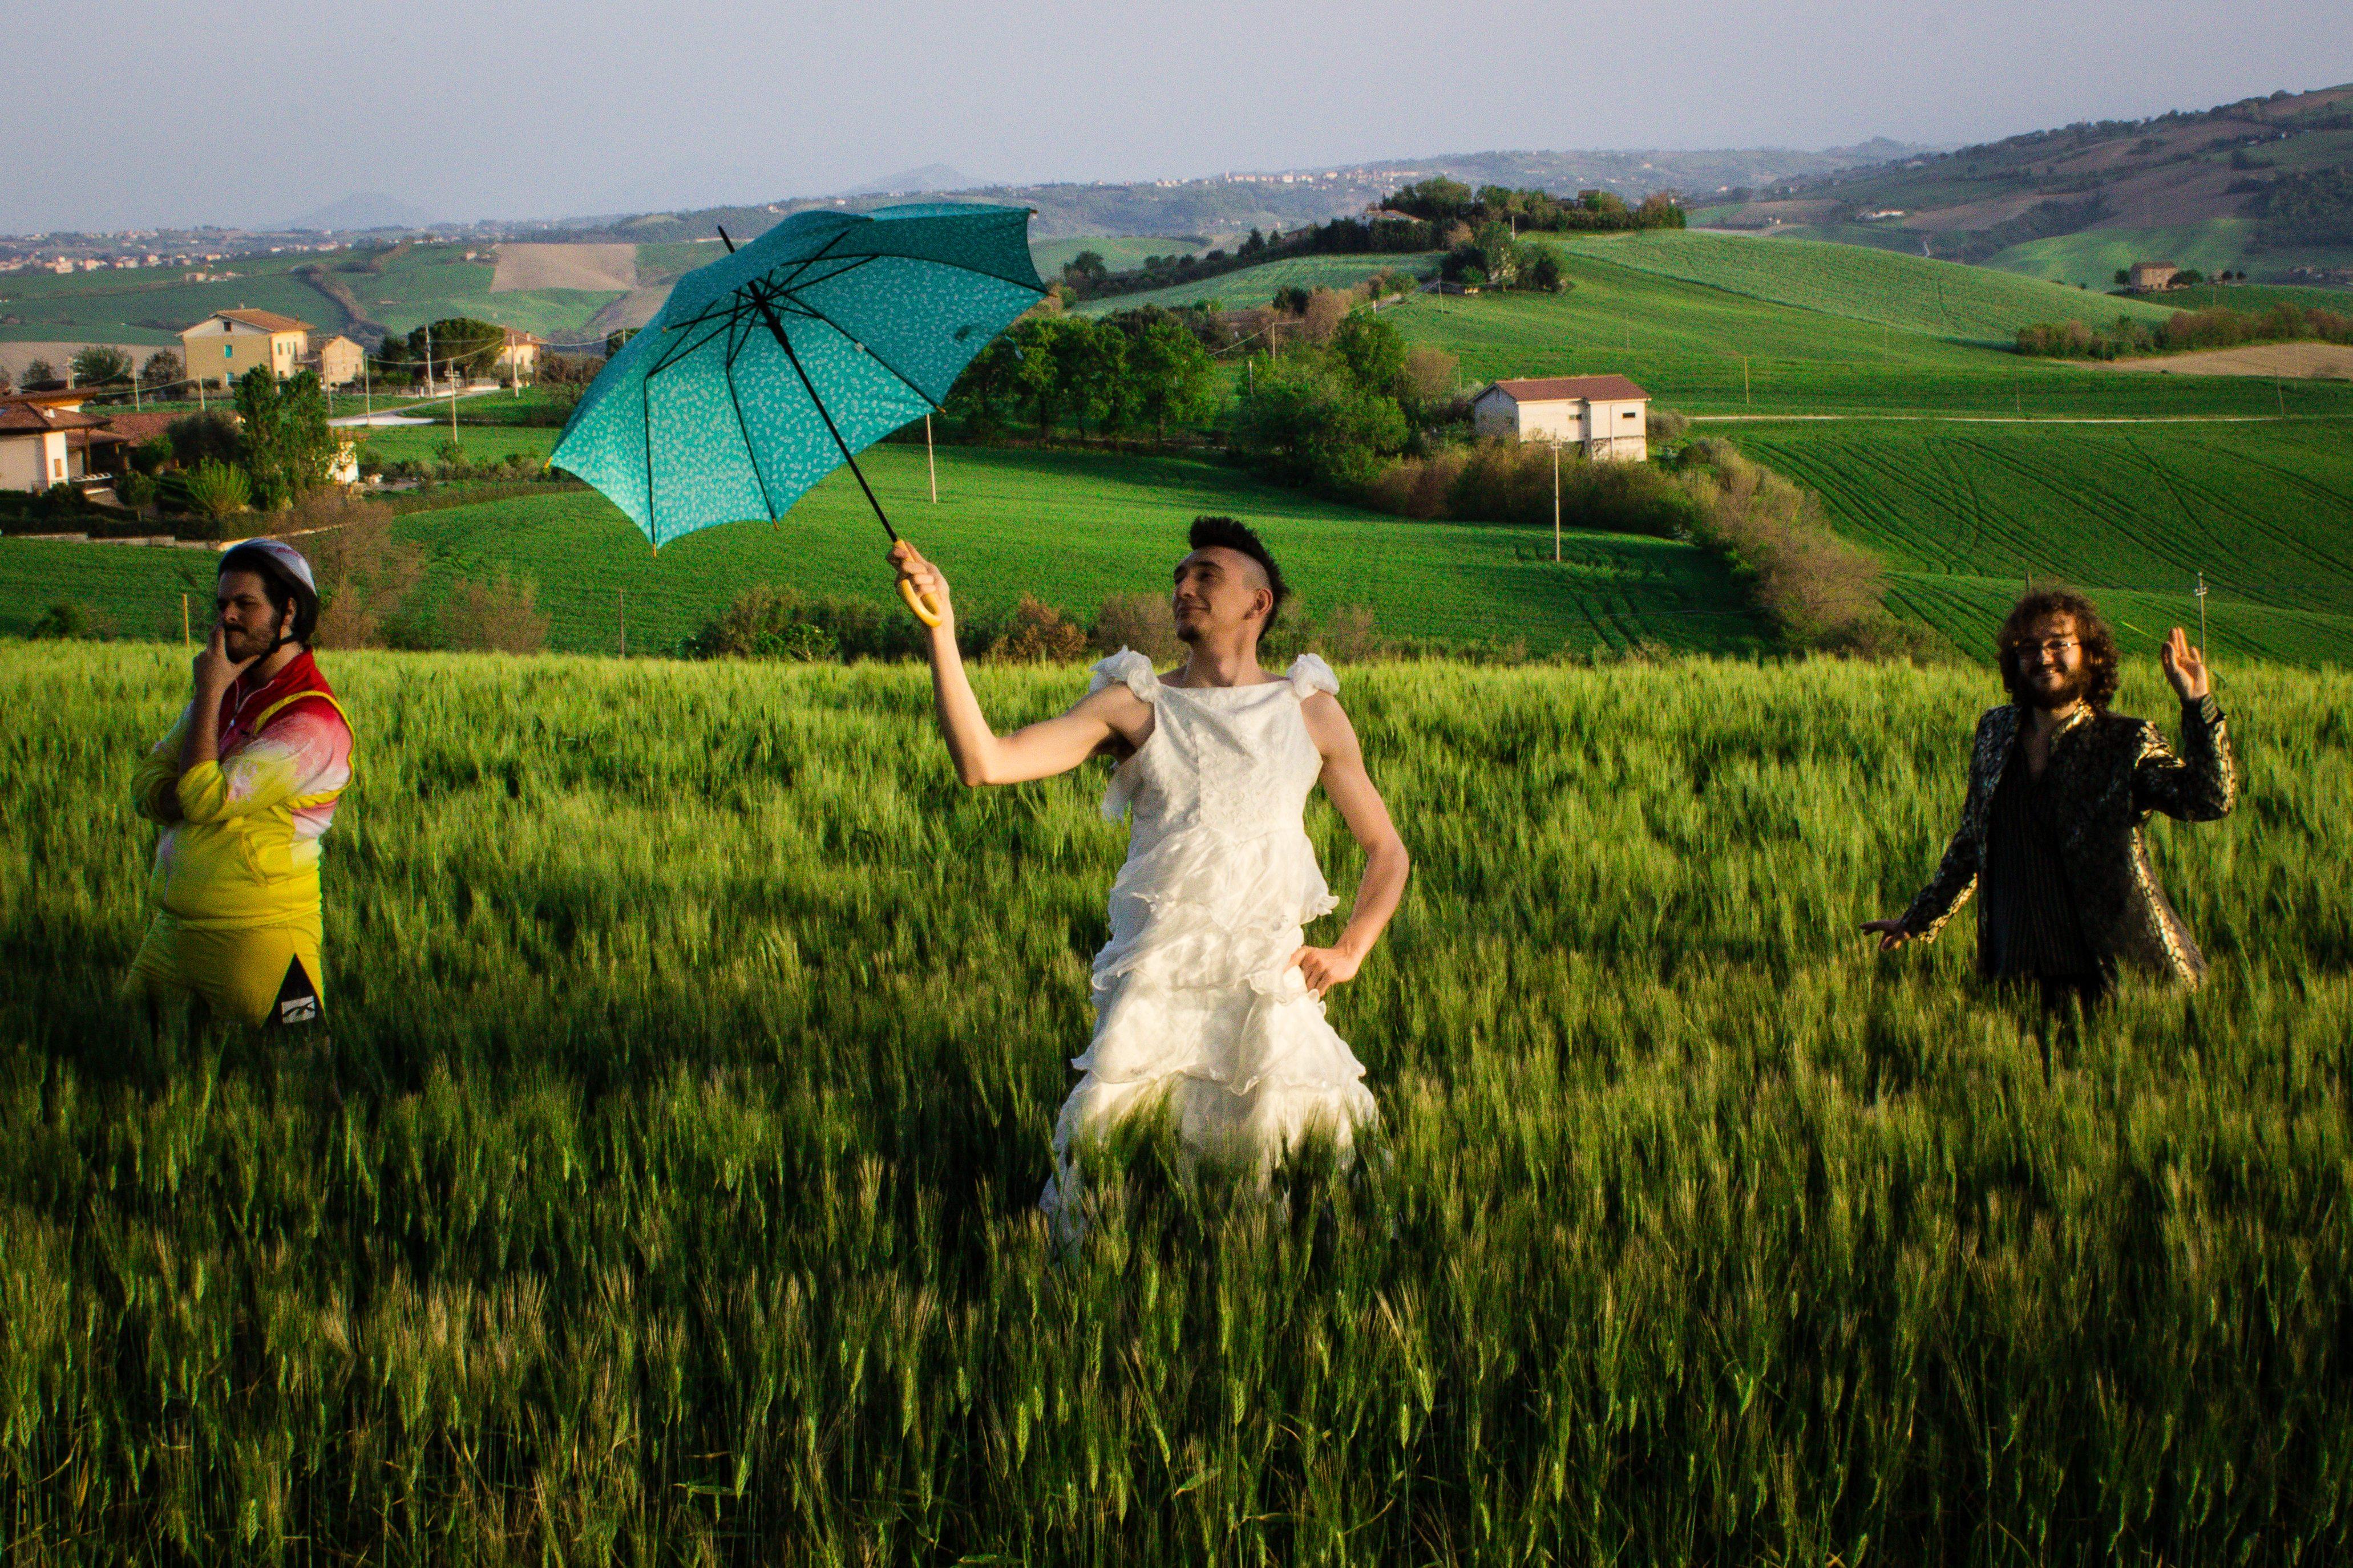 capabrò maria antonietta tour musica intervista angelo andrea vegliante blog fanpage autori disco album corsa labella